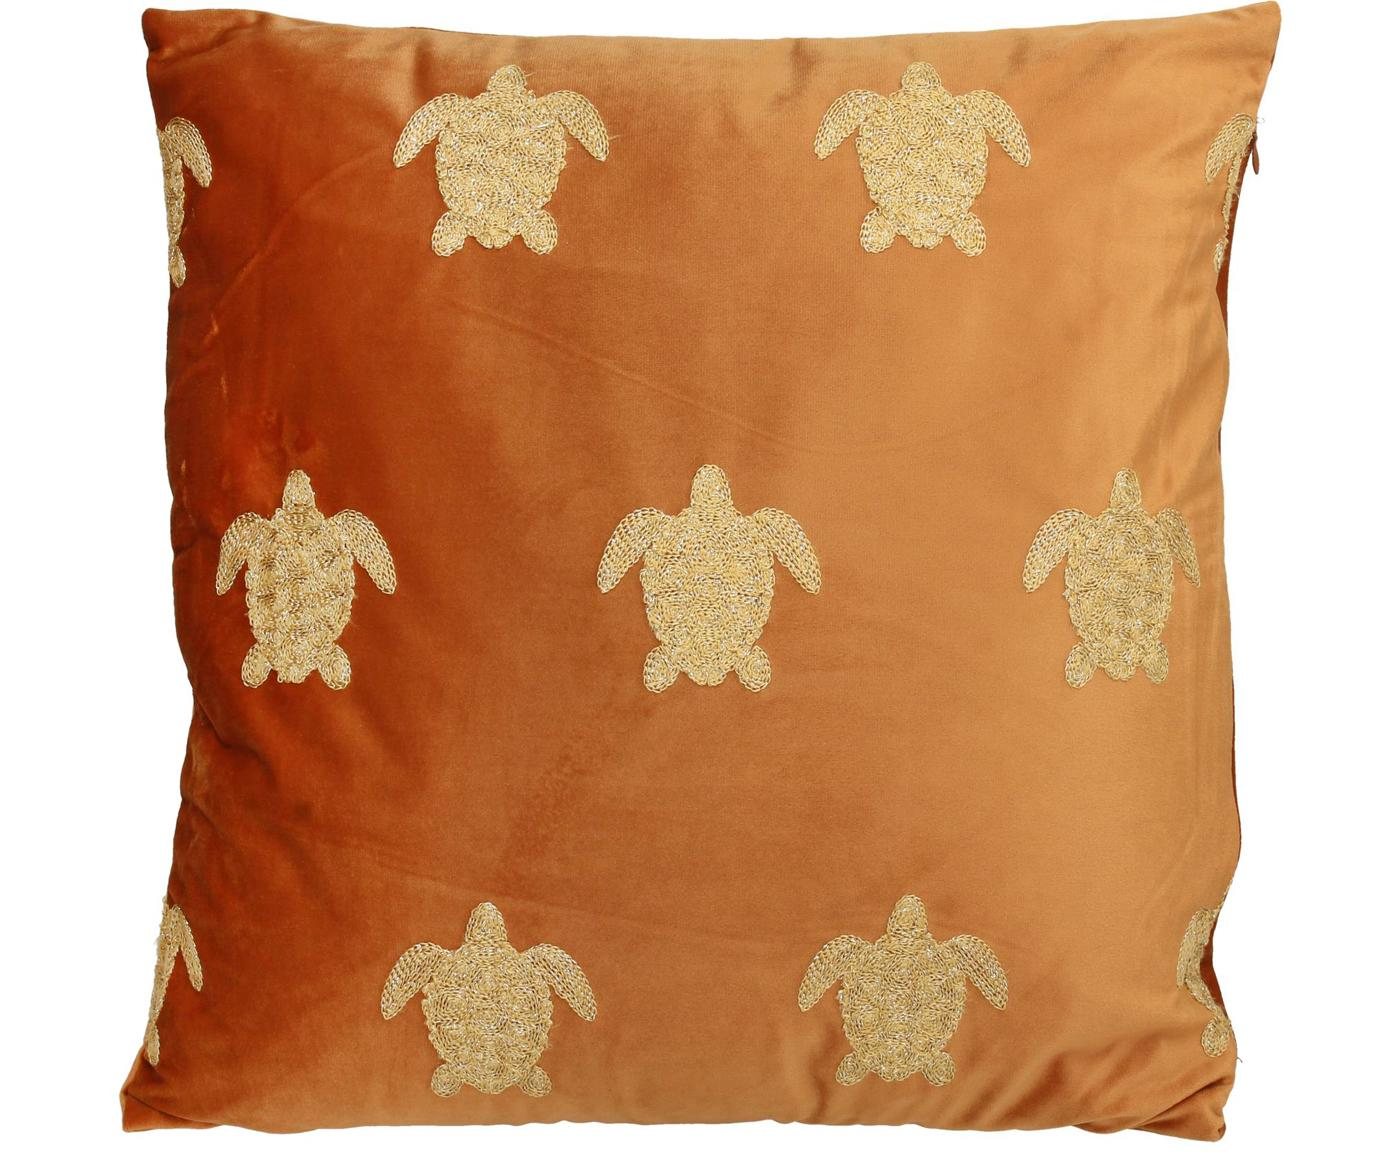 Geborduurd fluwelen kussen Turtle, met vulling, Fluweel, Oranje, goudkleurig, 45 x 45 cm